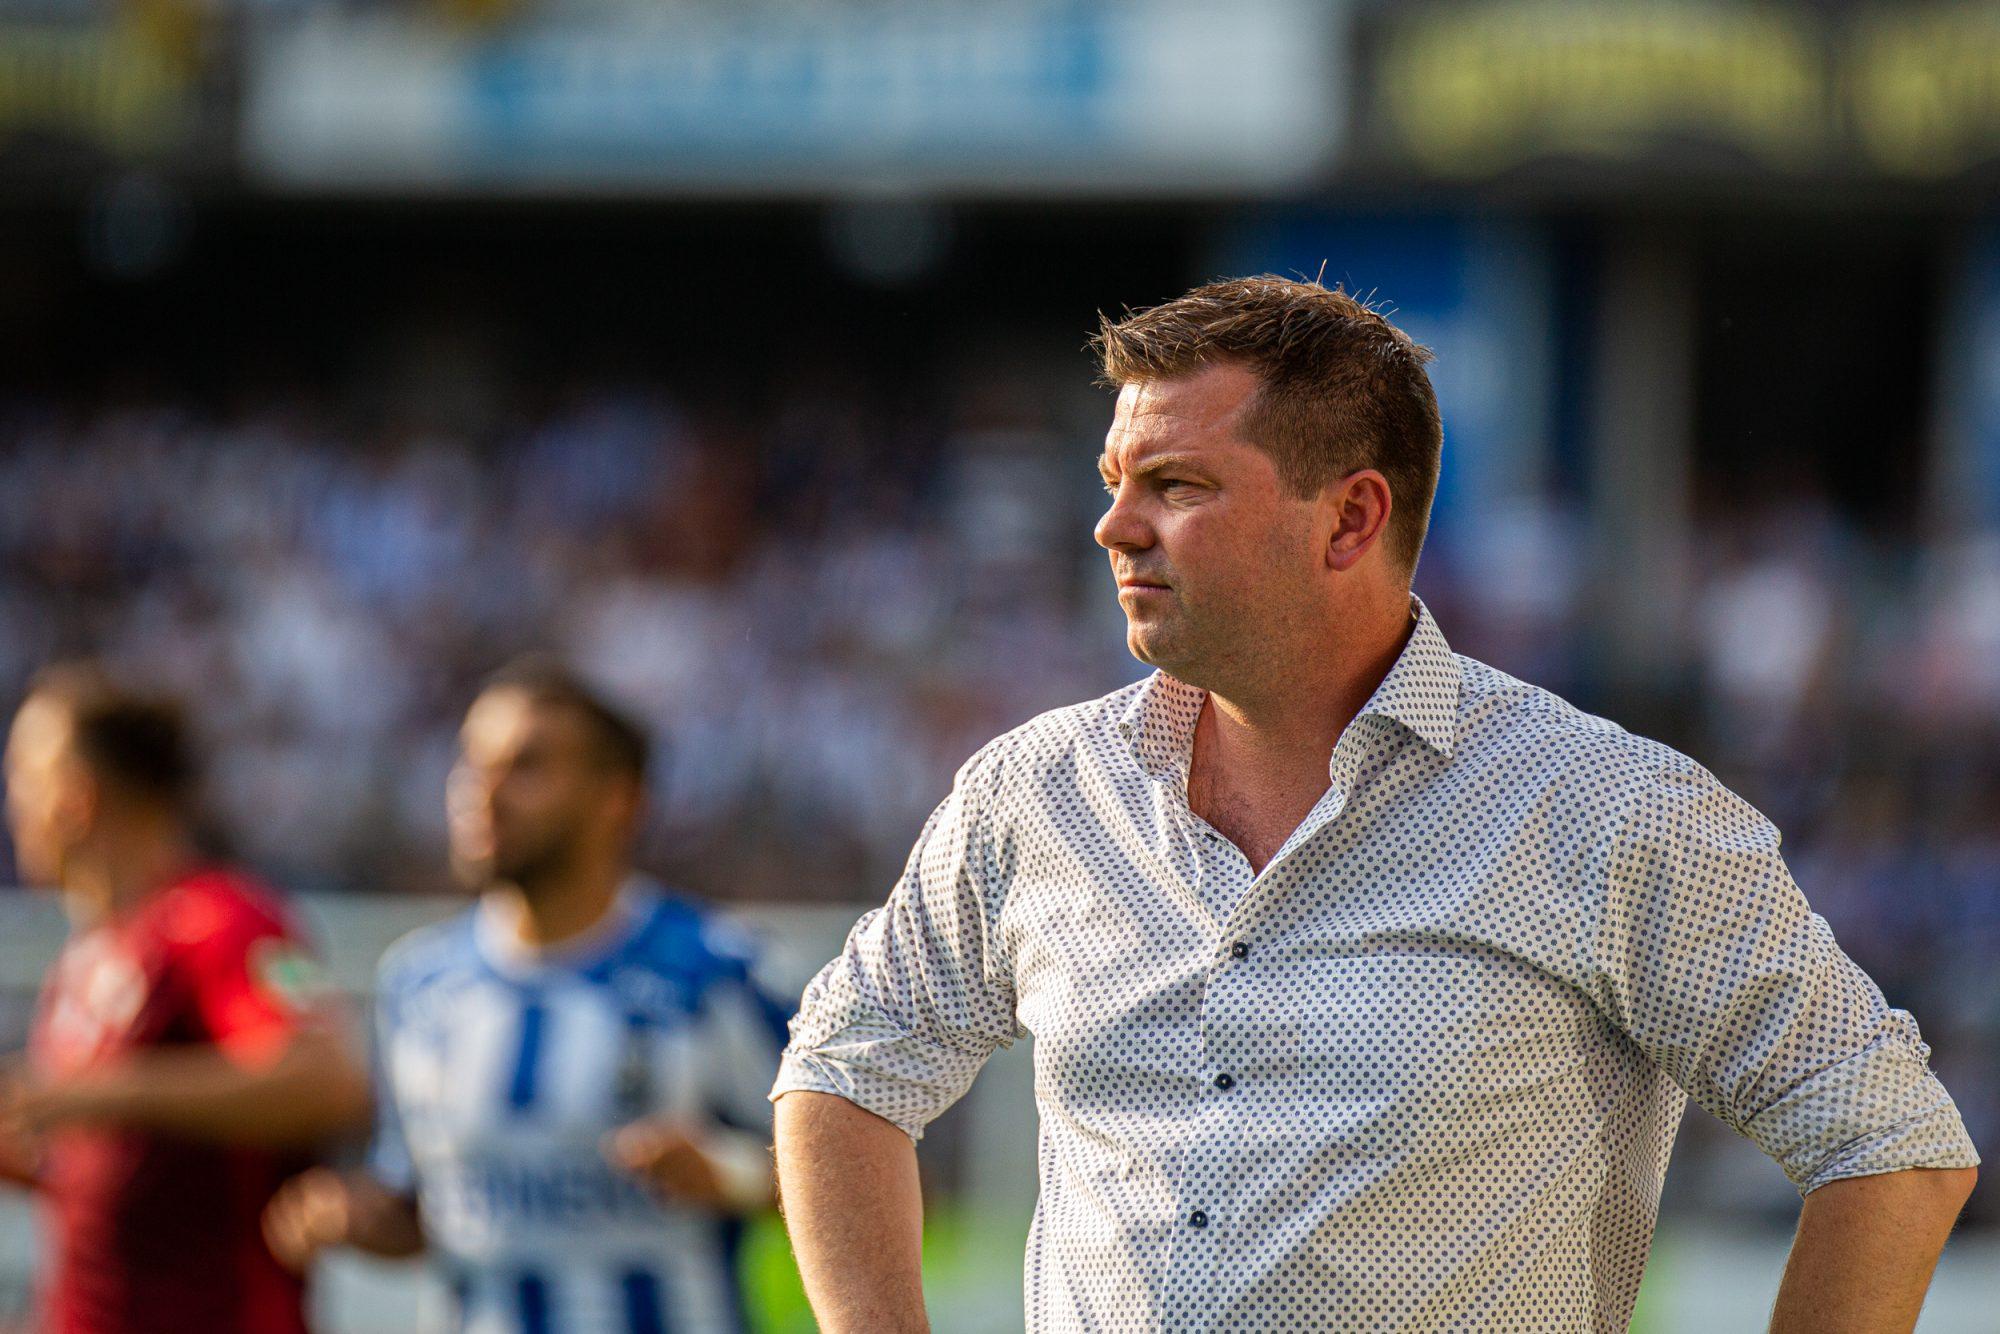 IFK Norrköping: JENS GUSTAFSSON INFÖR BORTAMATCHEN MOT MALMÖ FF